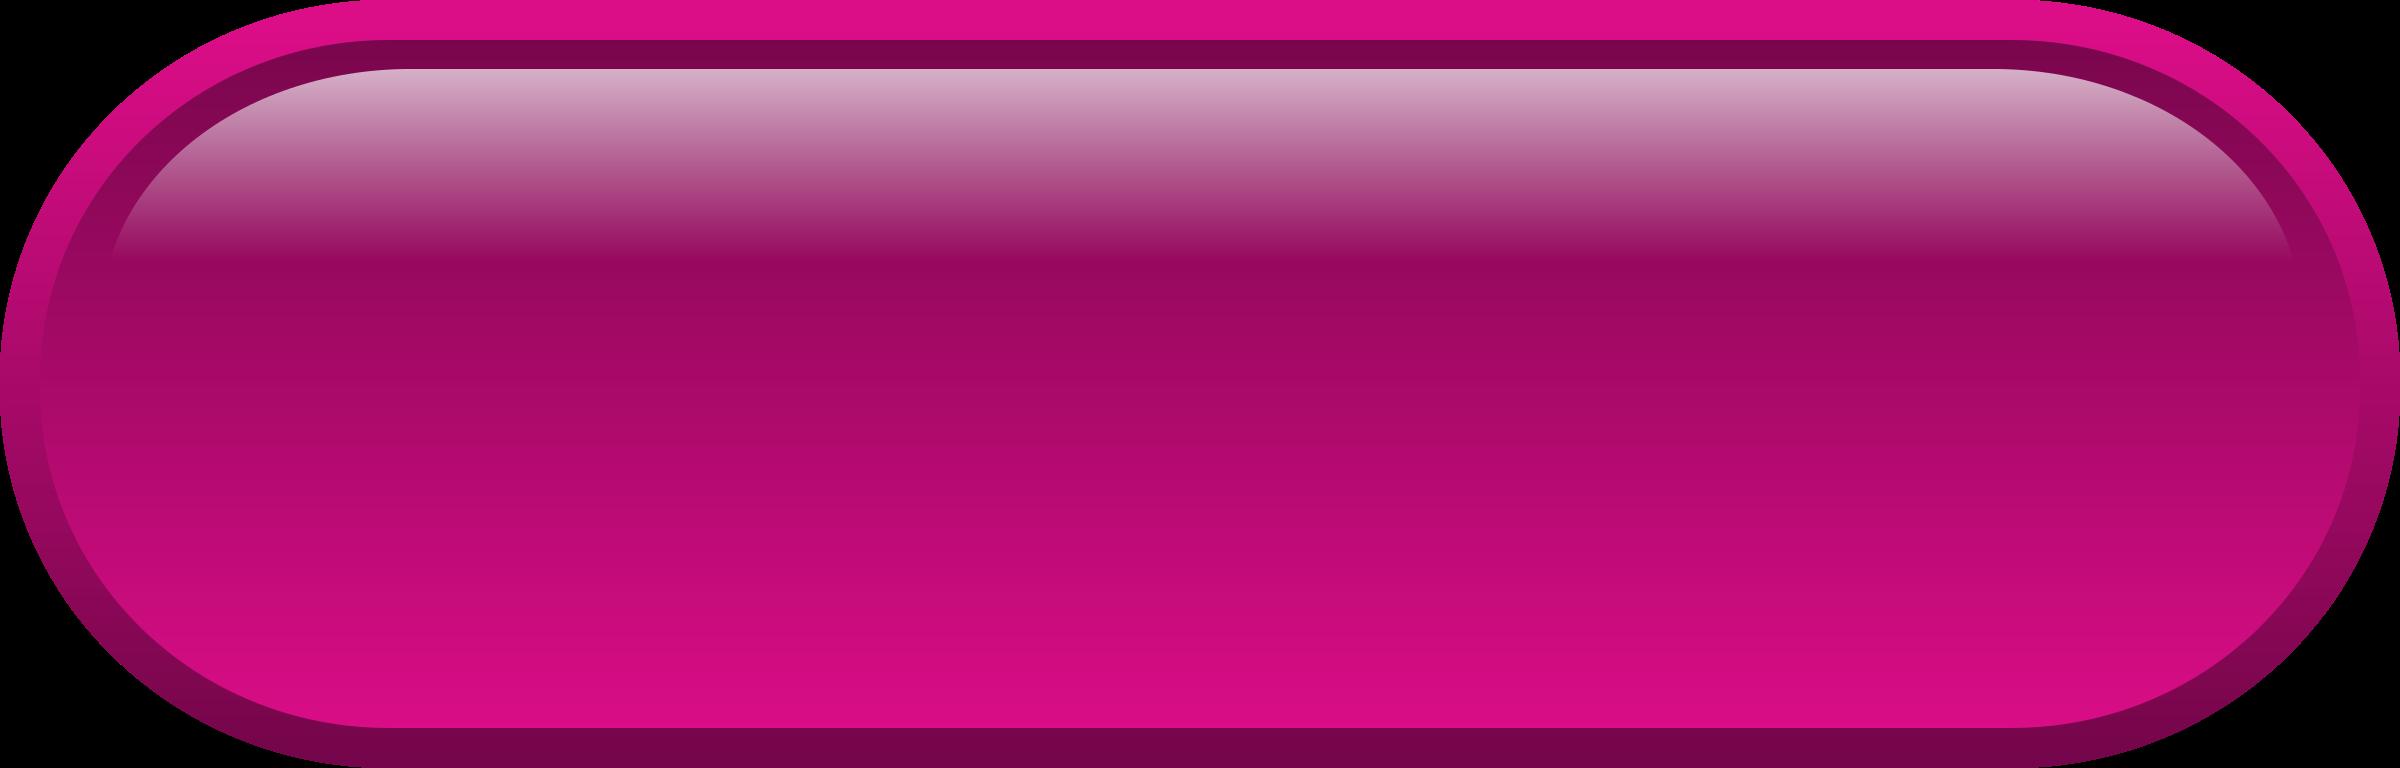 clipart pill button purple